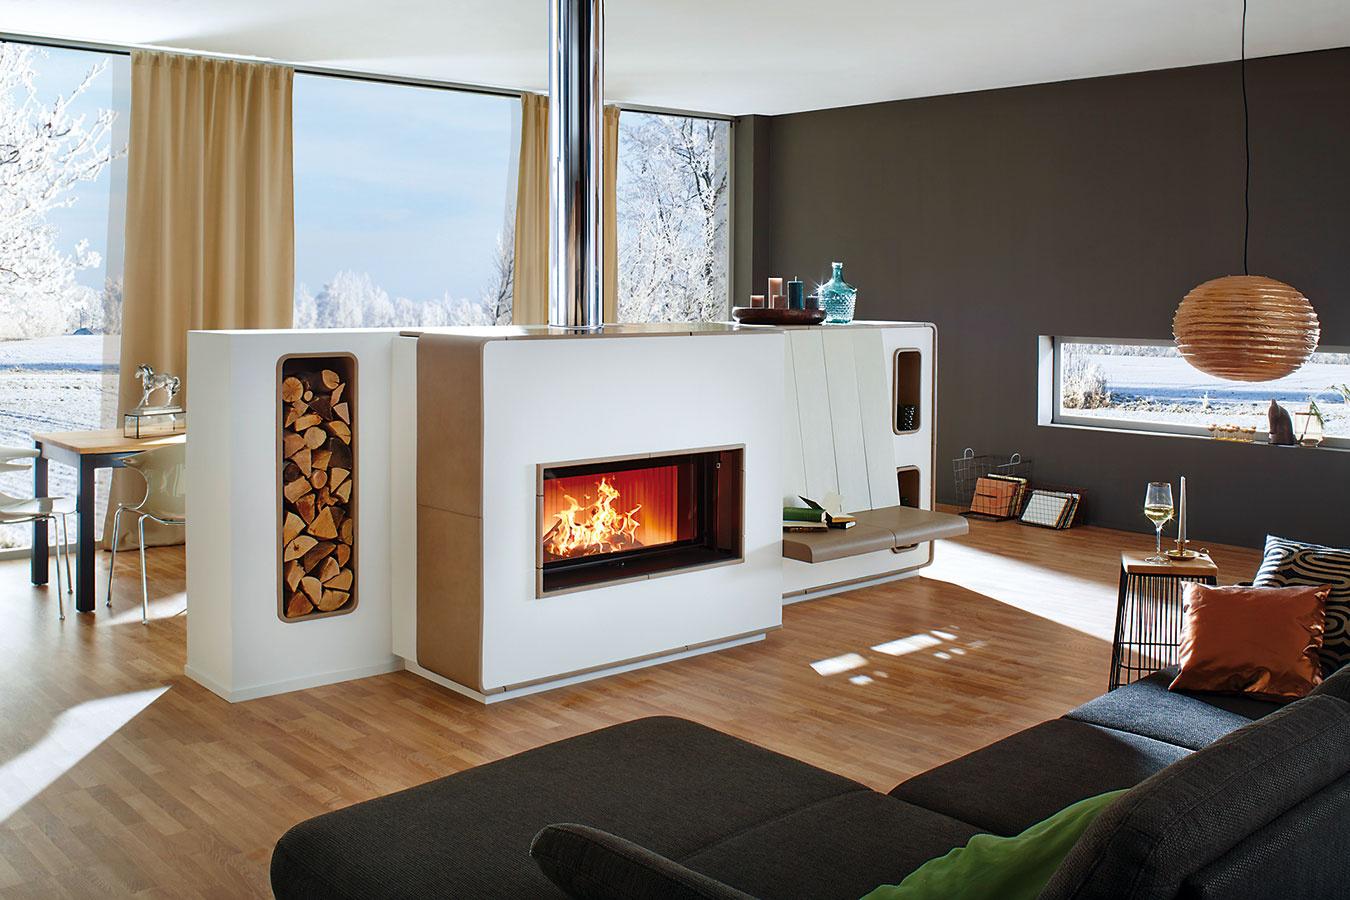 Rozdeľte priestor kachľovou pecou anechajte teplo, nech sa šíri rovnomerne do celého interiéru. Zatiaľ čo veľké moderné zasklené dvierka ponúkajú nerušený pohľad na oheň, ladné krivky keramického obloženia podčiarkujú jedinečný dizajn pece. (Technológia BRUNNER, ohnisko GOF 99/42, dvierka GOT 45/10, keramika KAUFMANN. Autorizovaný importér pre Slovensko J&R Inspire, www.inspire.sk)